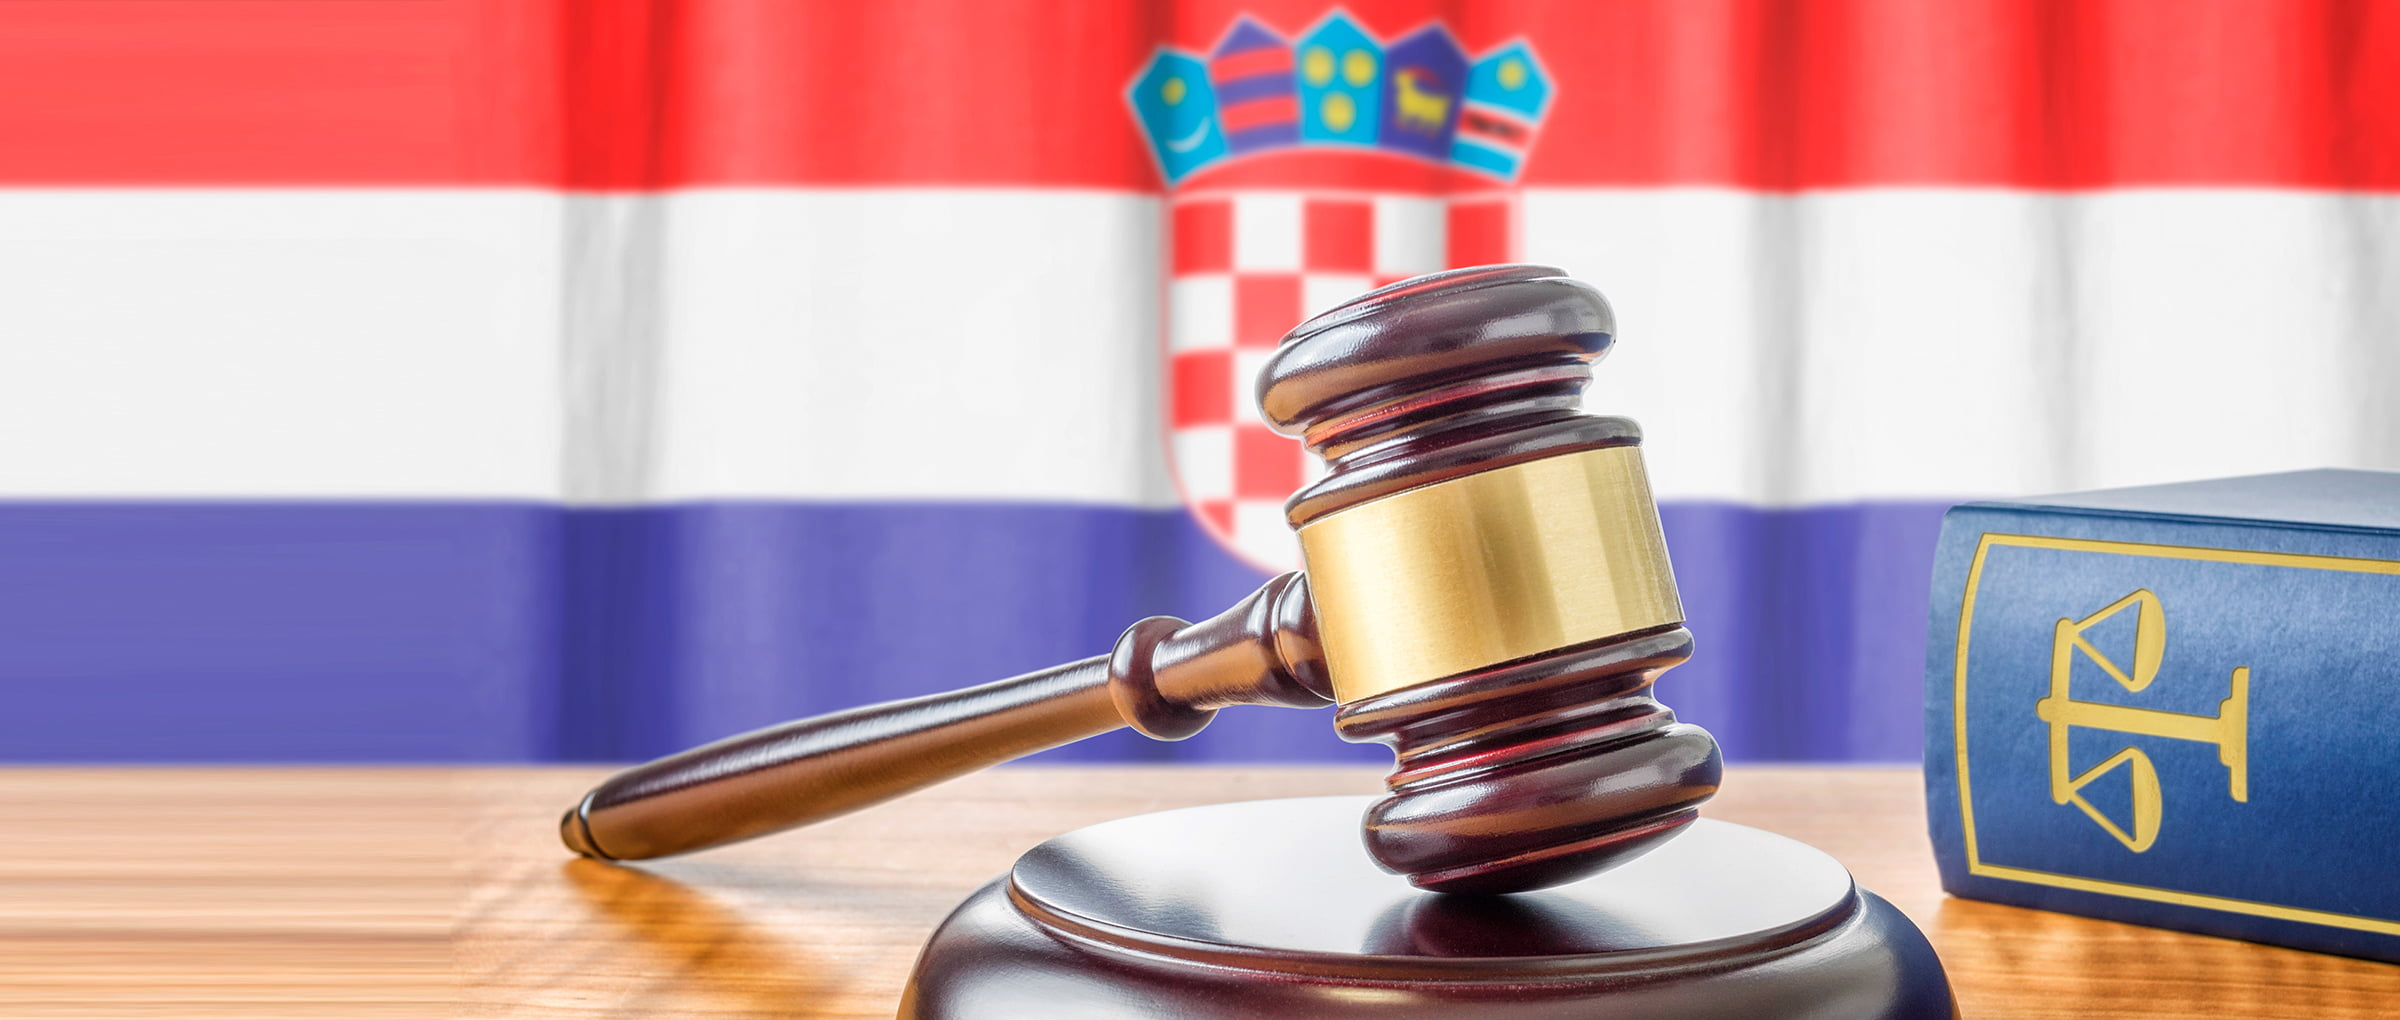 Legislación en Croacia